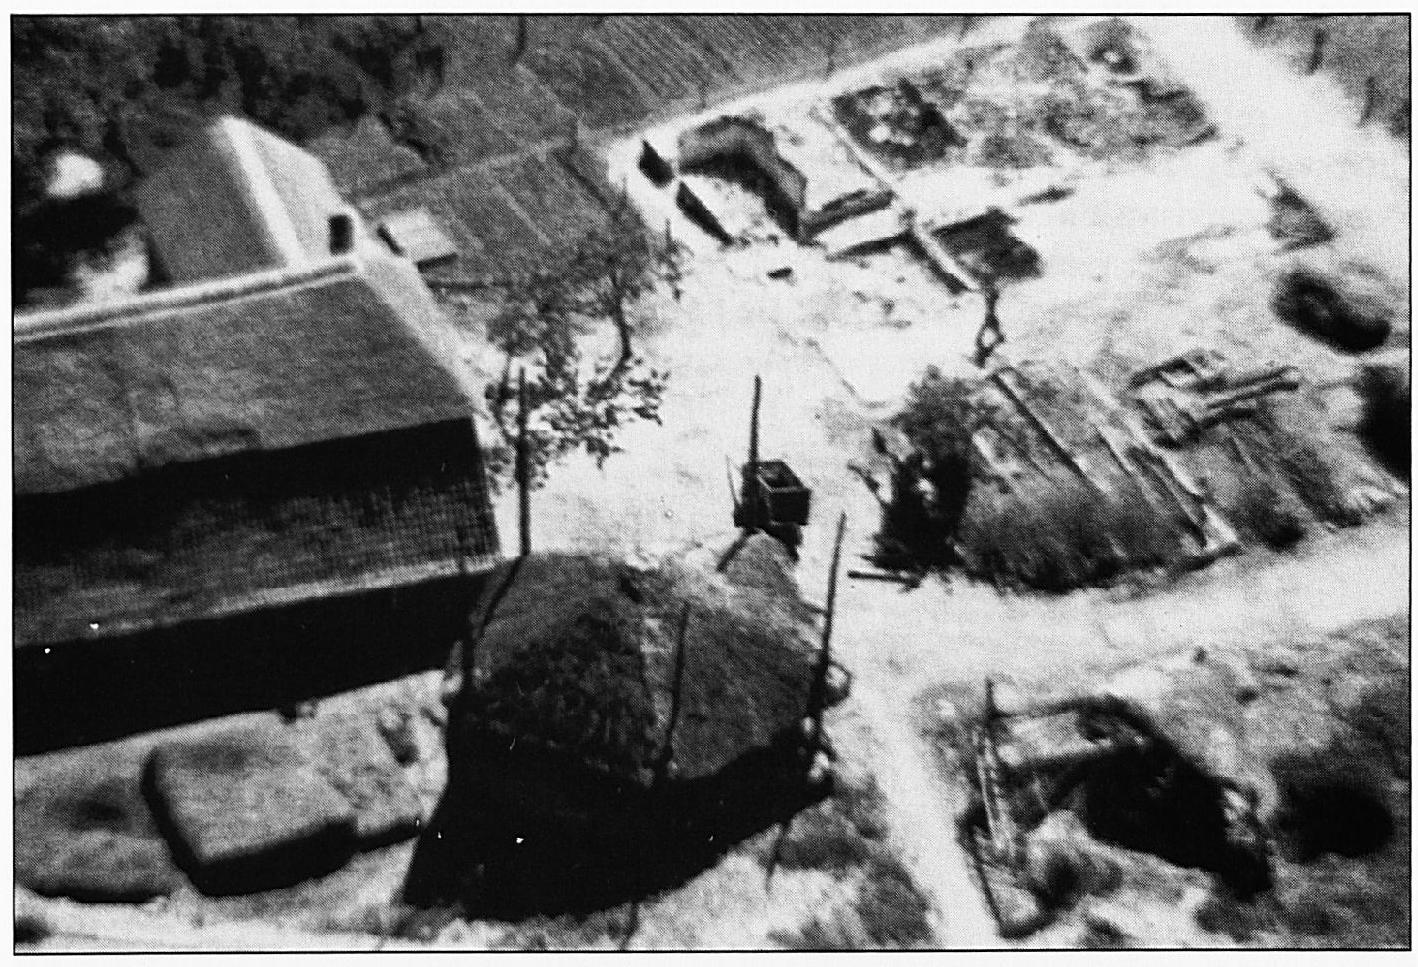 """De oorspronkelijke """"Rouwenburg"""". Deze boerderij heette rond 1600 nog """"Ravenburg"""". Deze foto werd kort na de oorlog genomen. Het eigenlijke woonhuis rechts boven is volledig vernield. Links staan de grote schuur en de hooiberg. Deze hooiberg komt ook voor op de minuutkaart uit 1821."""